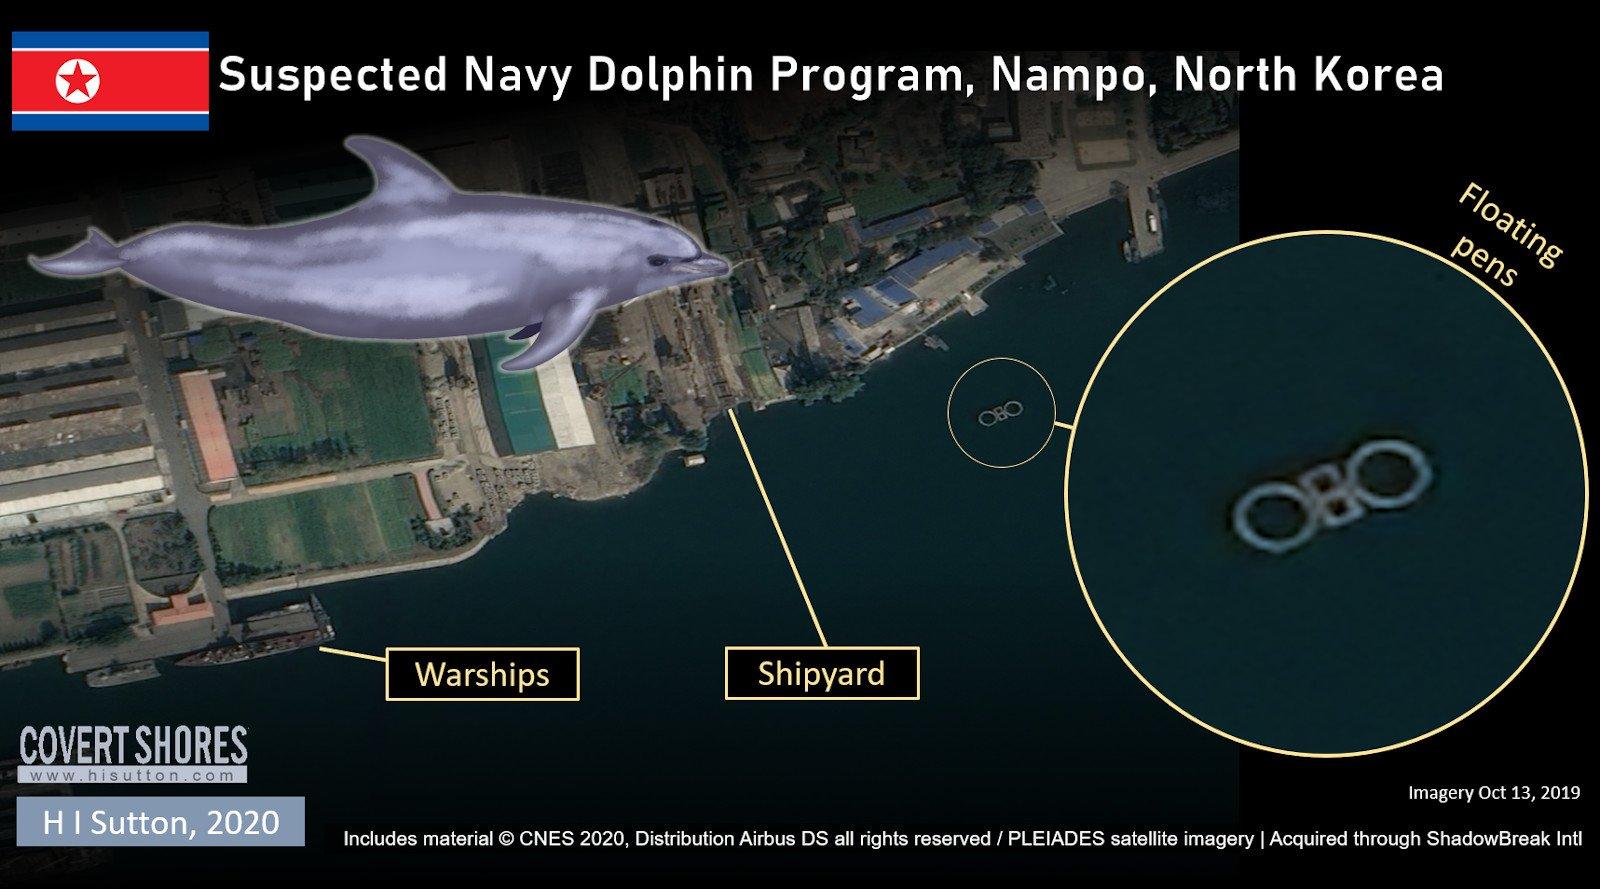 卫星照片表现朝鲜南浦附近沿海展现了一些围栏。